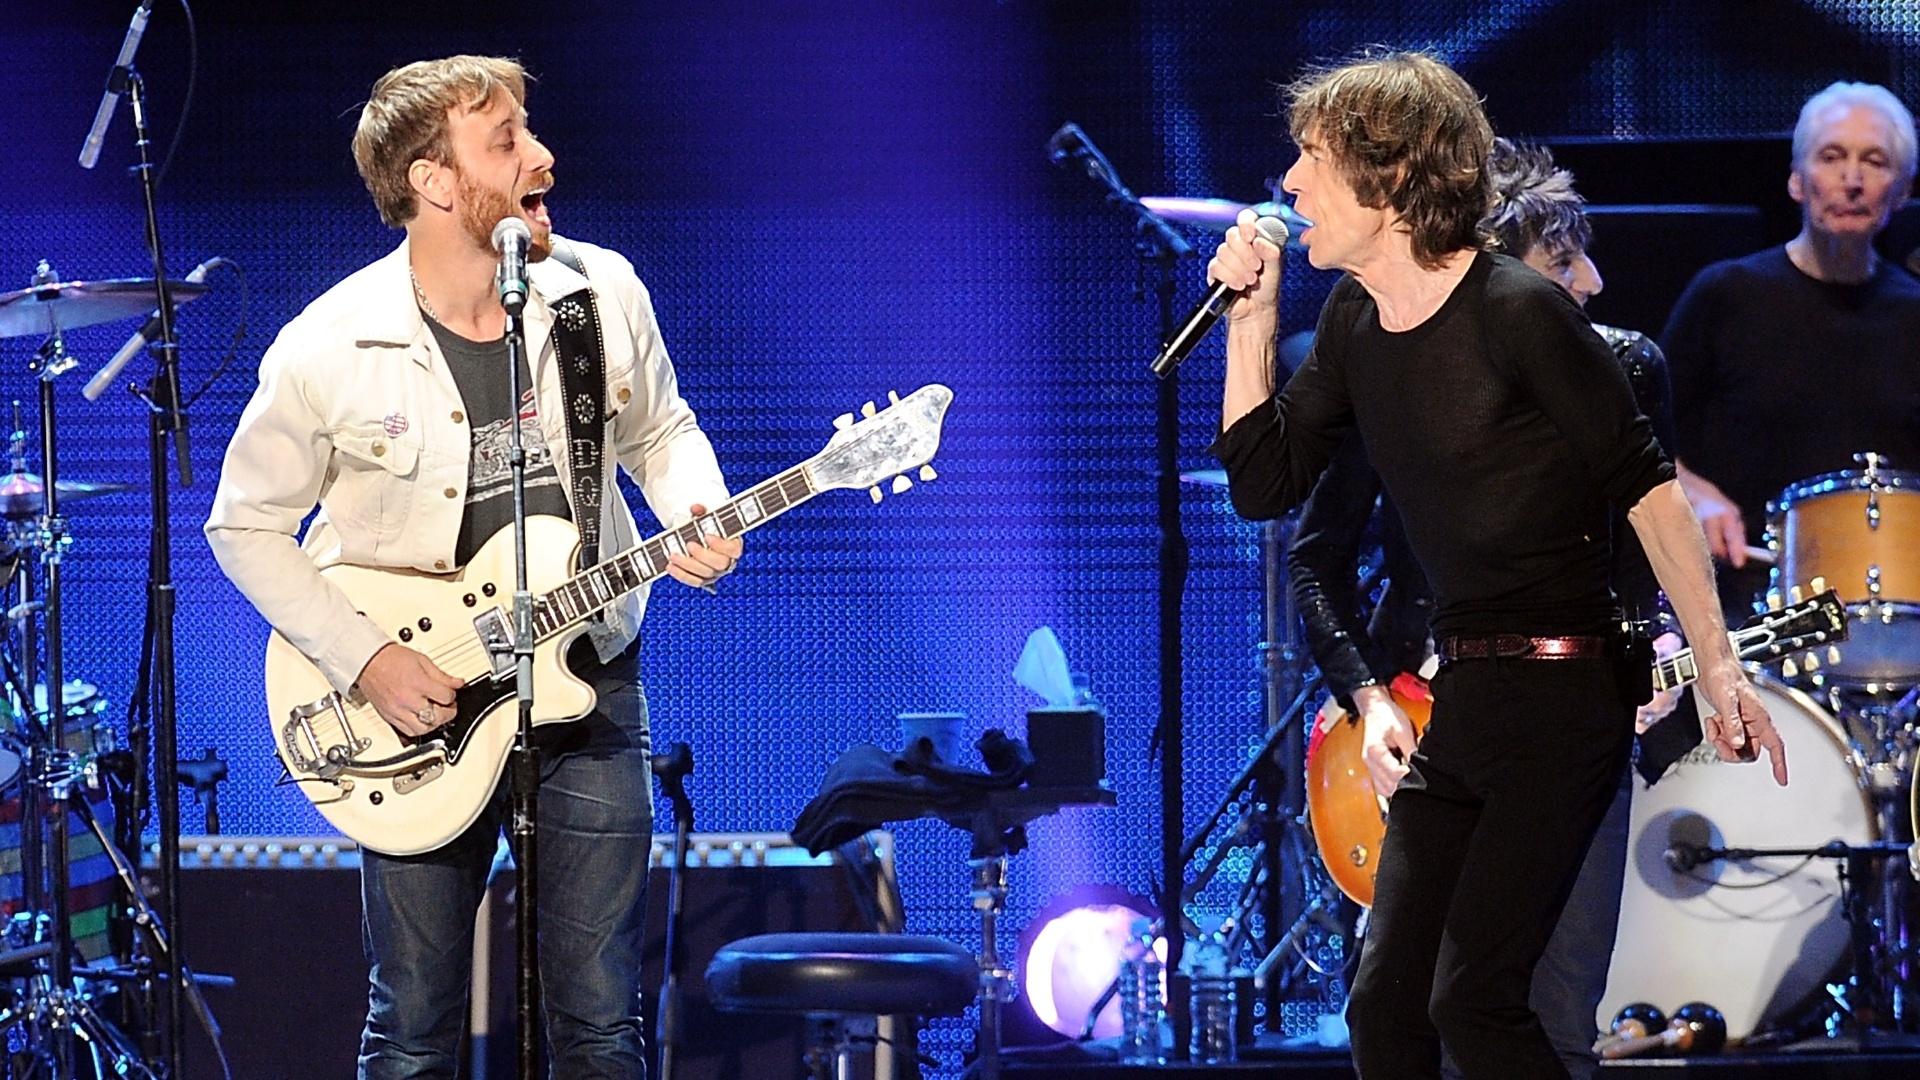 16.dez.2012 - O guitarrista Dan Auerbach, do The Black Keys, se apresentou com os Rolling Stones do último show da banda em comemoração aos 50 anos de carreira, nos EUA